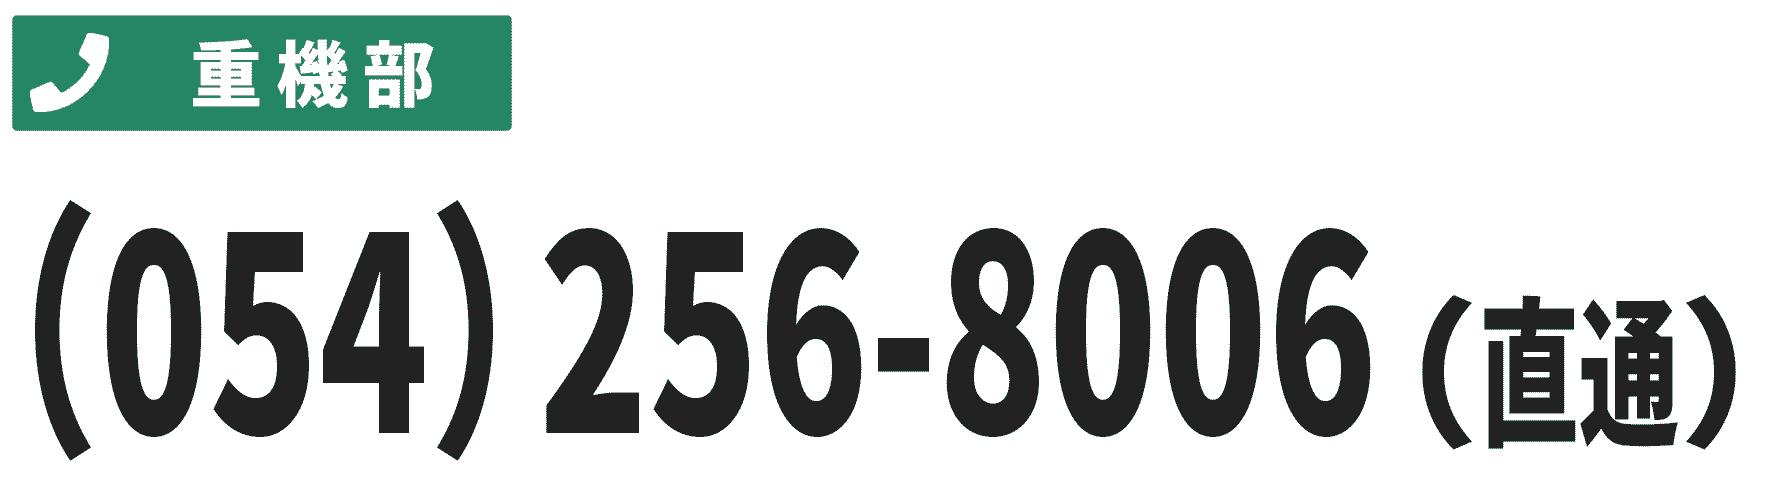 重機部tel:054-256-8006(直通)